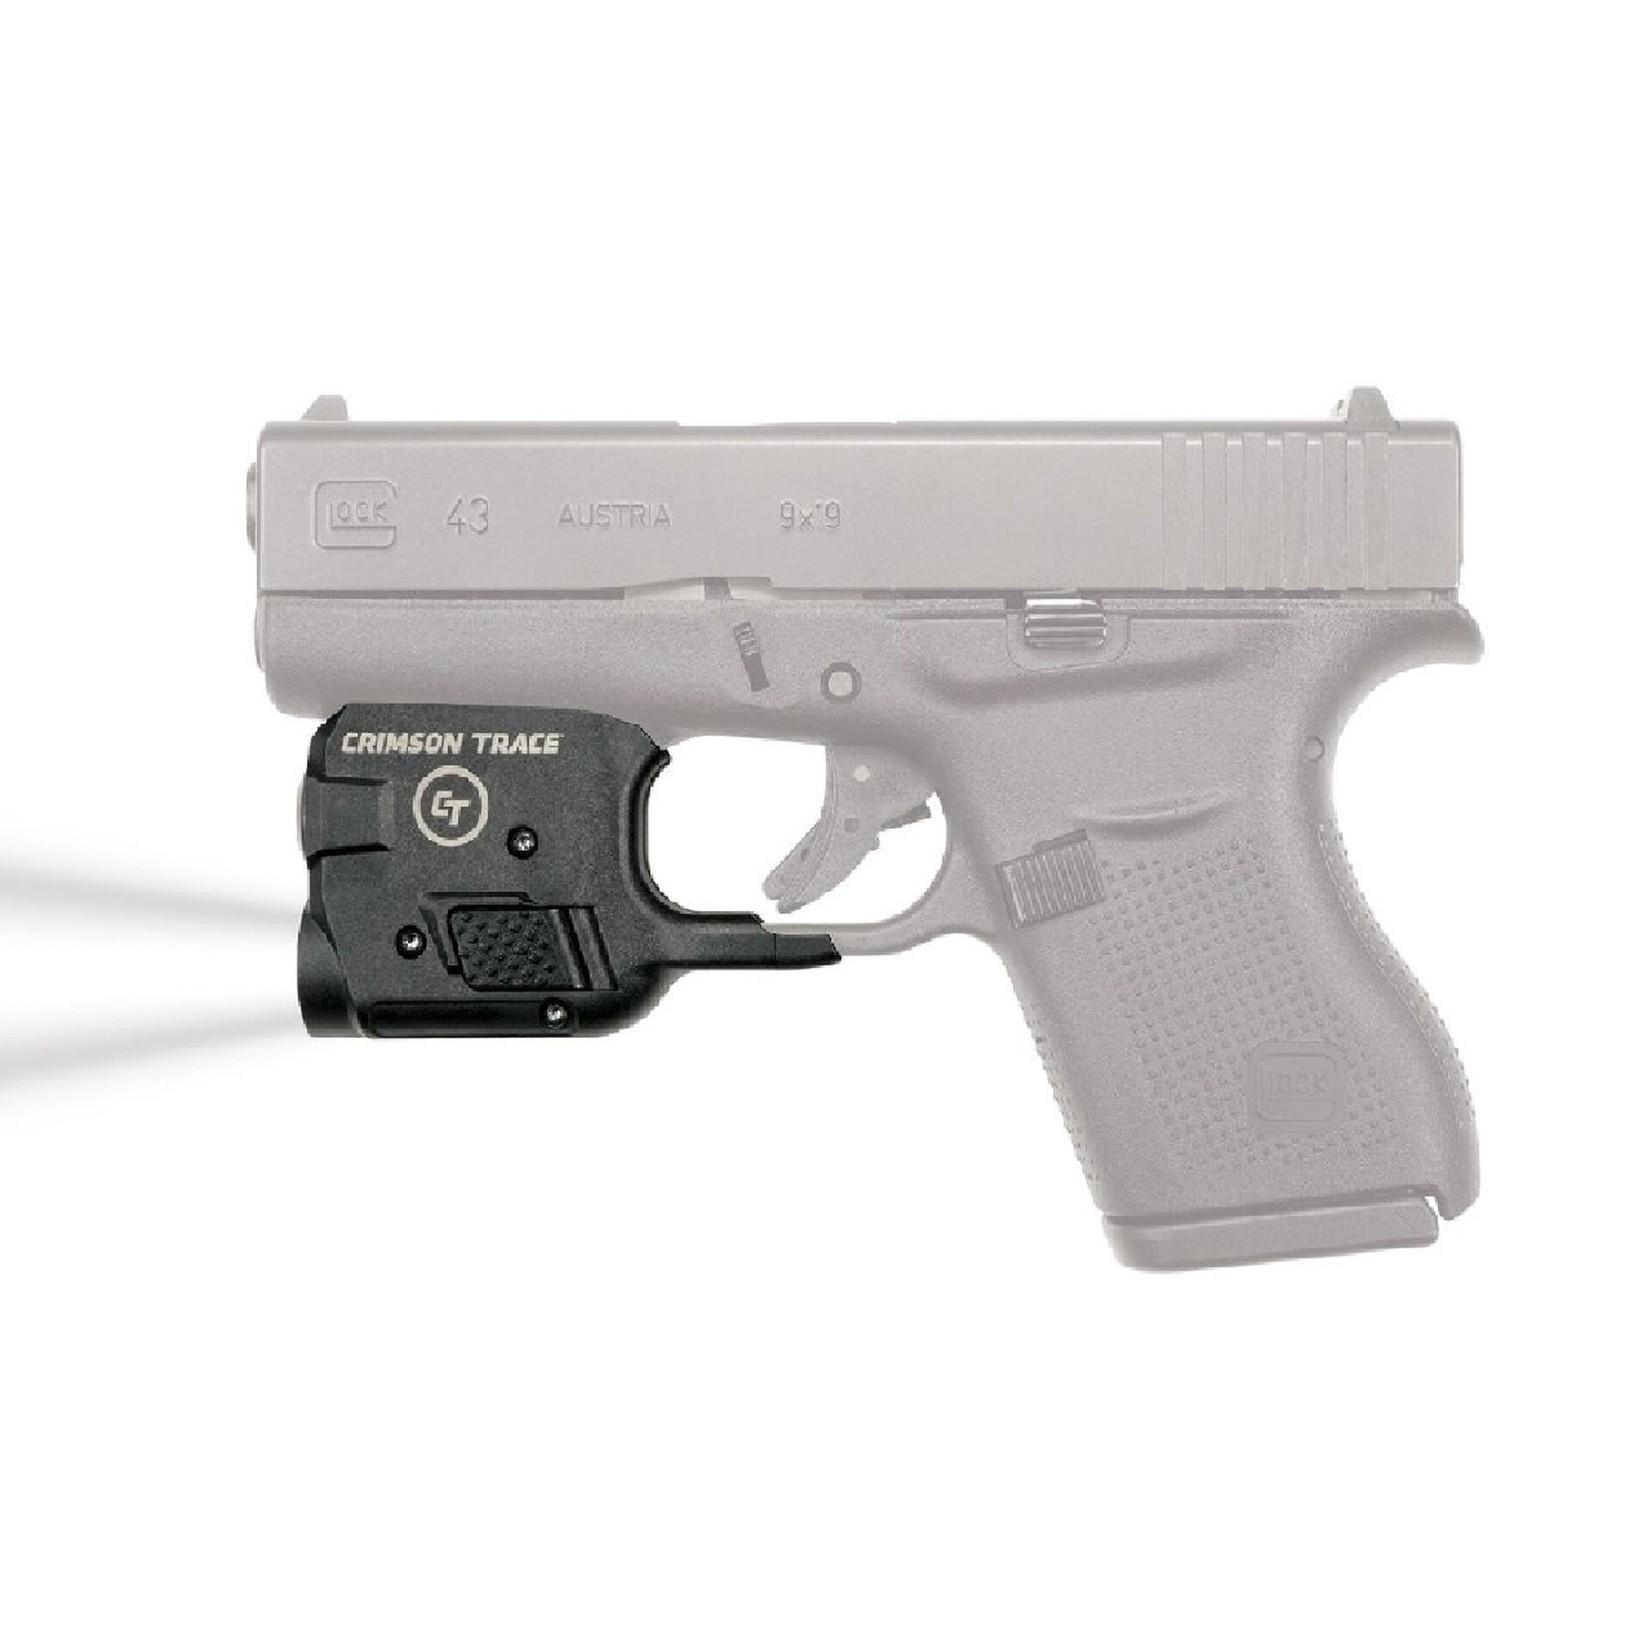 Lightguard for Glock G42 G43 G43X G48 (LTG-773)